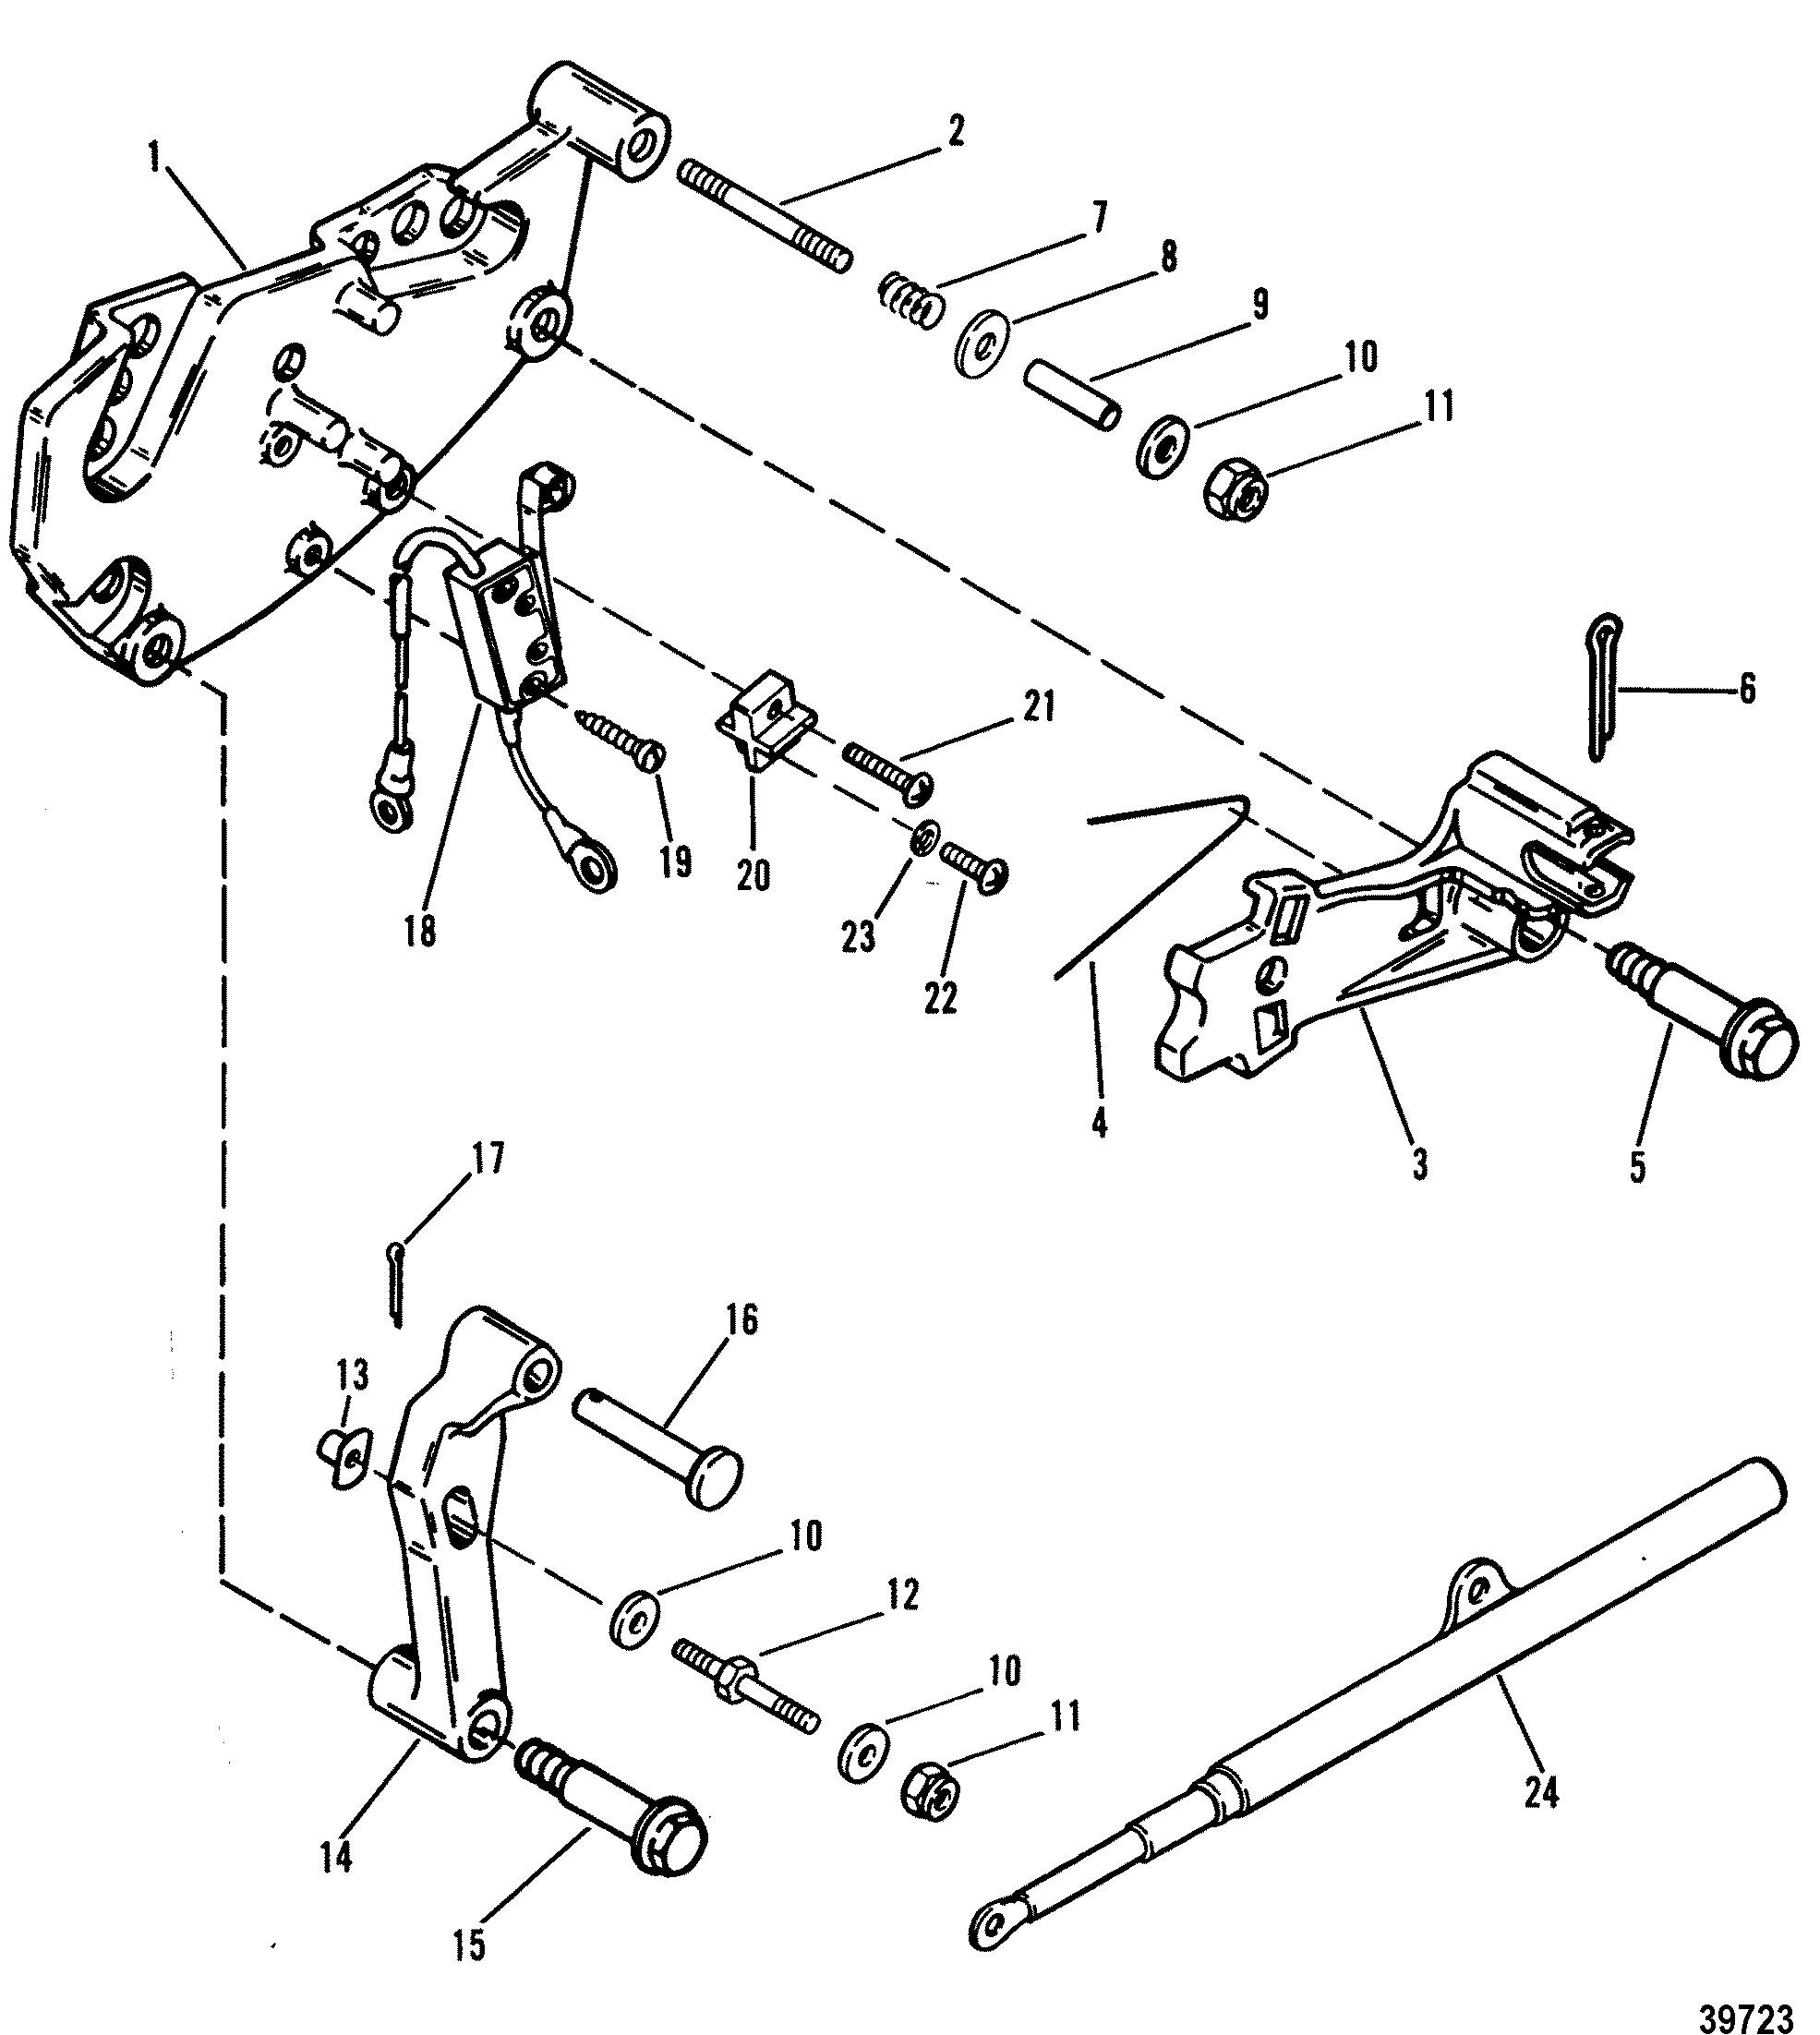 Mercruiser 470 Engine Diagram Ð Ð°Ñ Ð°Ð Ð¾Ð³ Ð·Ð°Ð¿Ñ Ð°Ñ Ñ